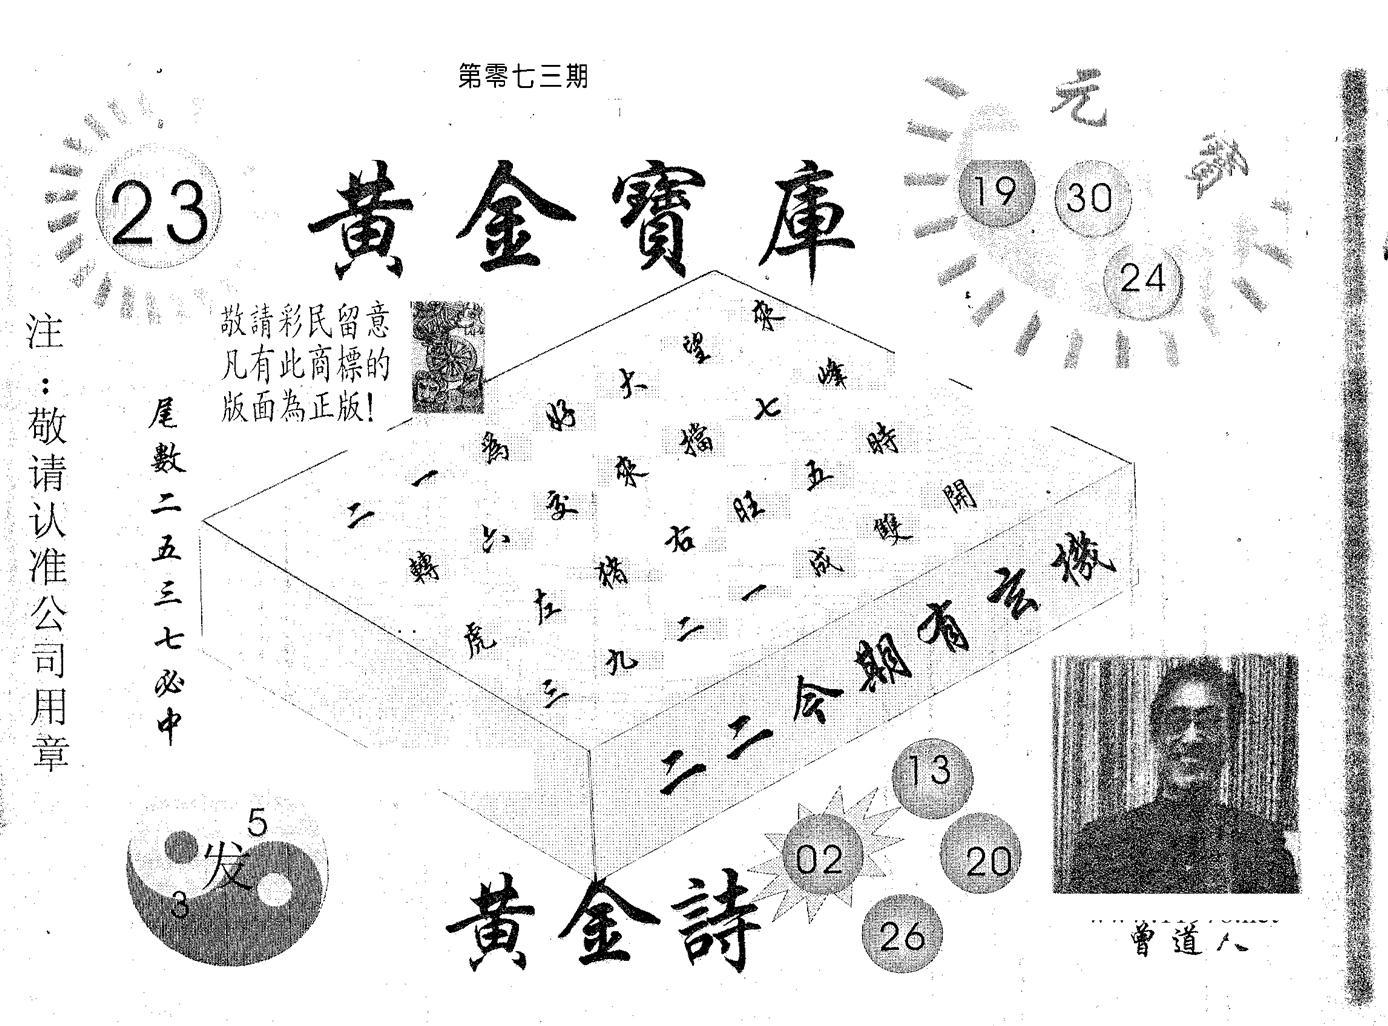 073期黄金宝库(黑白)